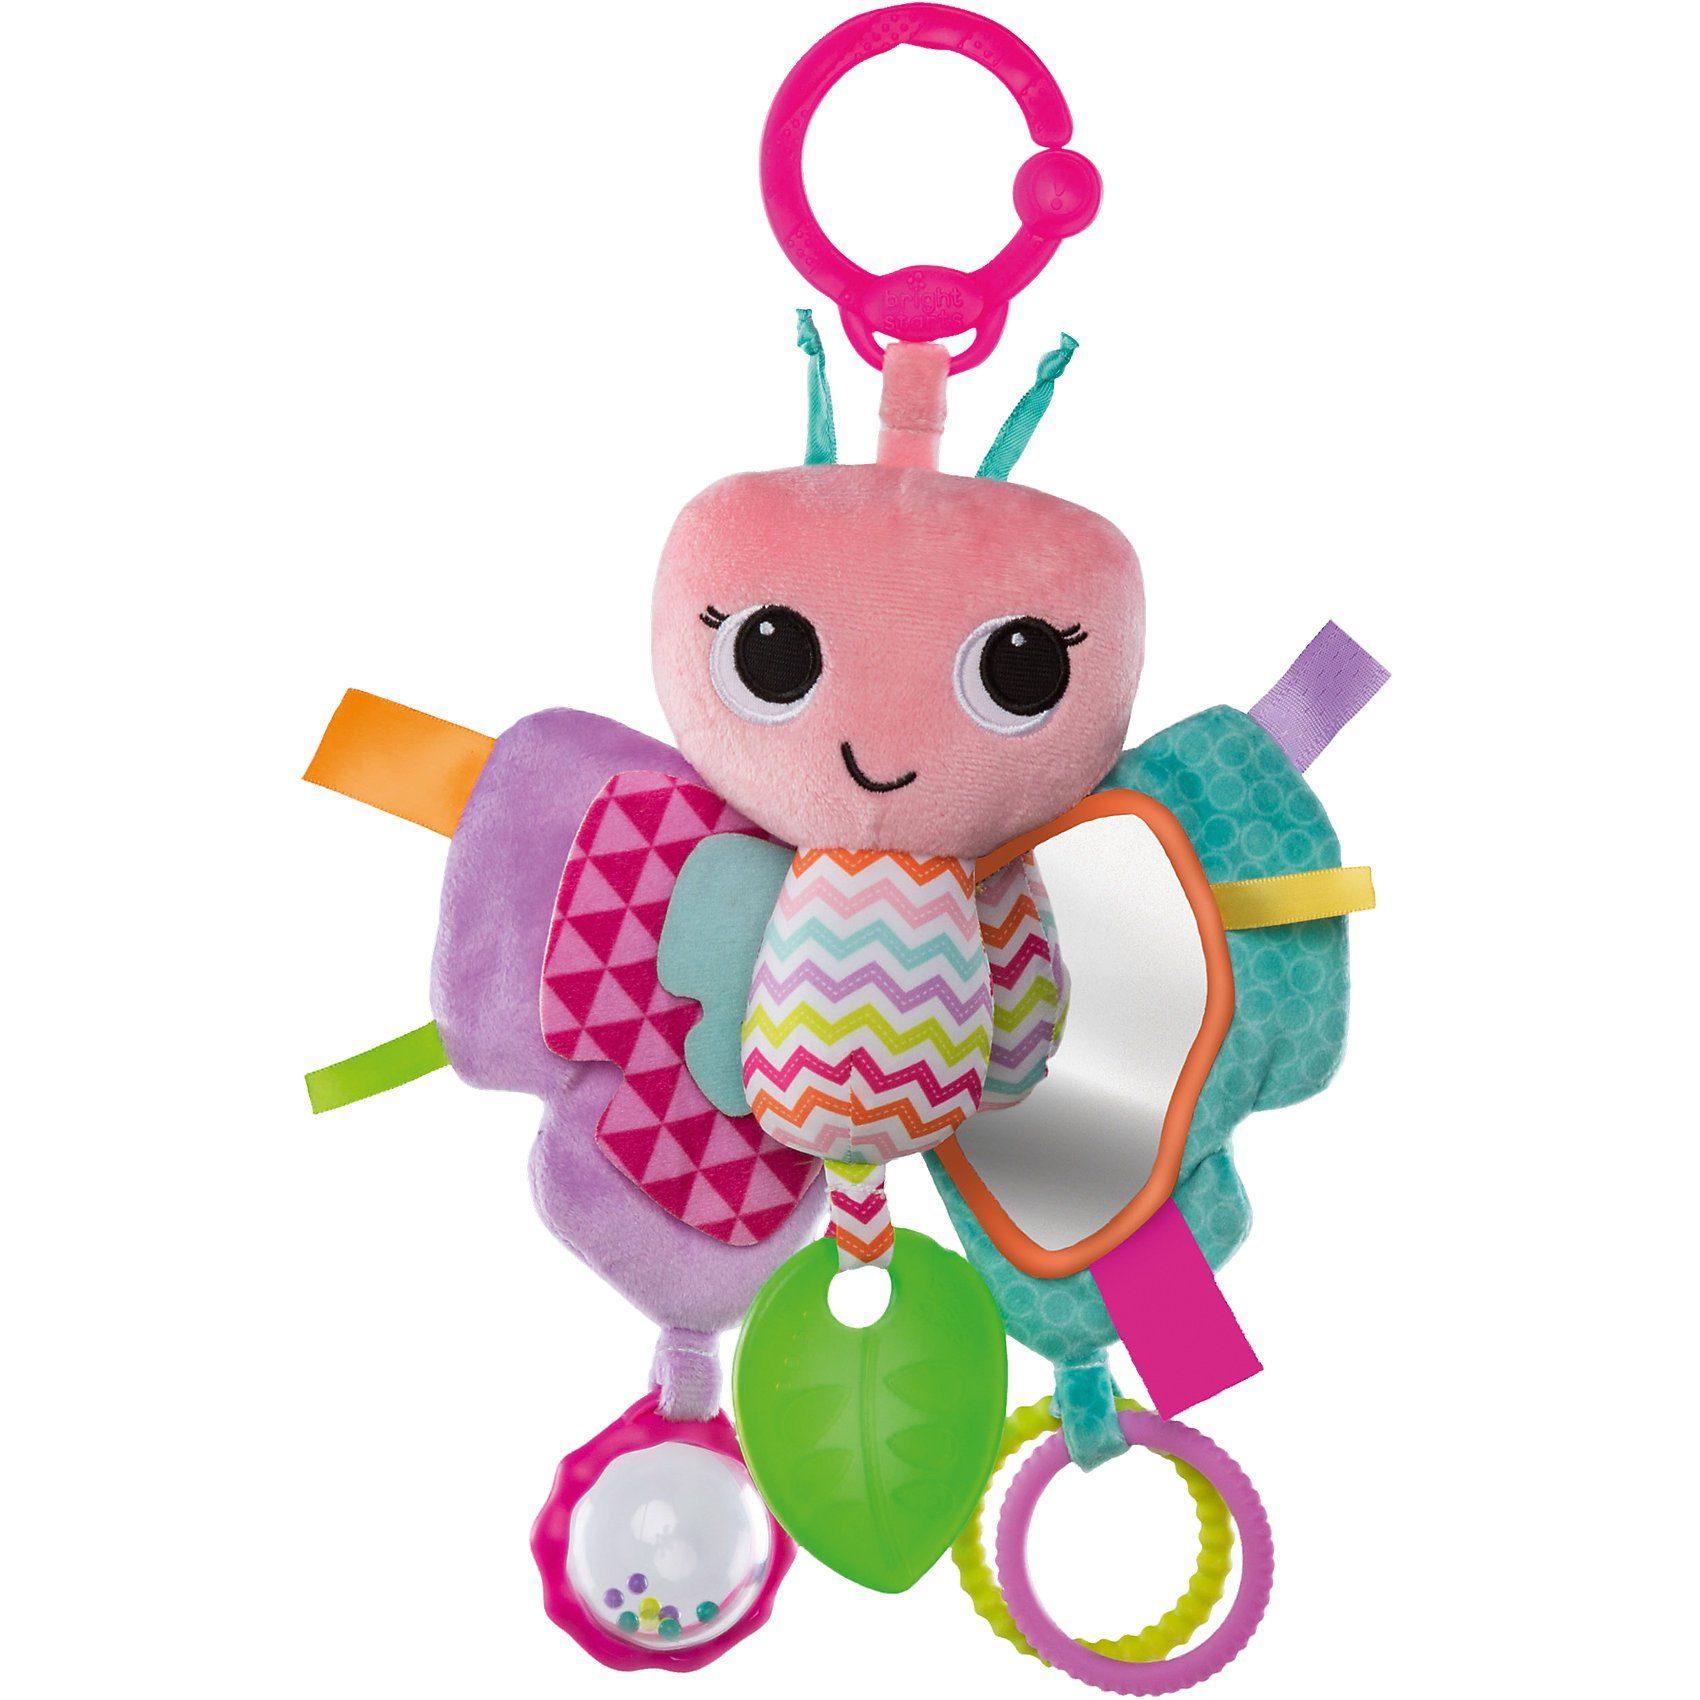 Kids II Bright Starts Hängespielzeug Schmetterling, pink